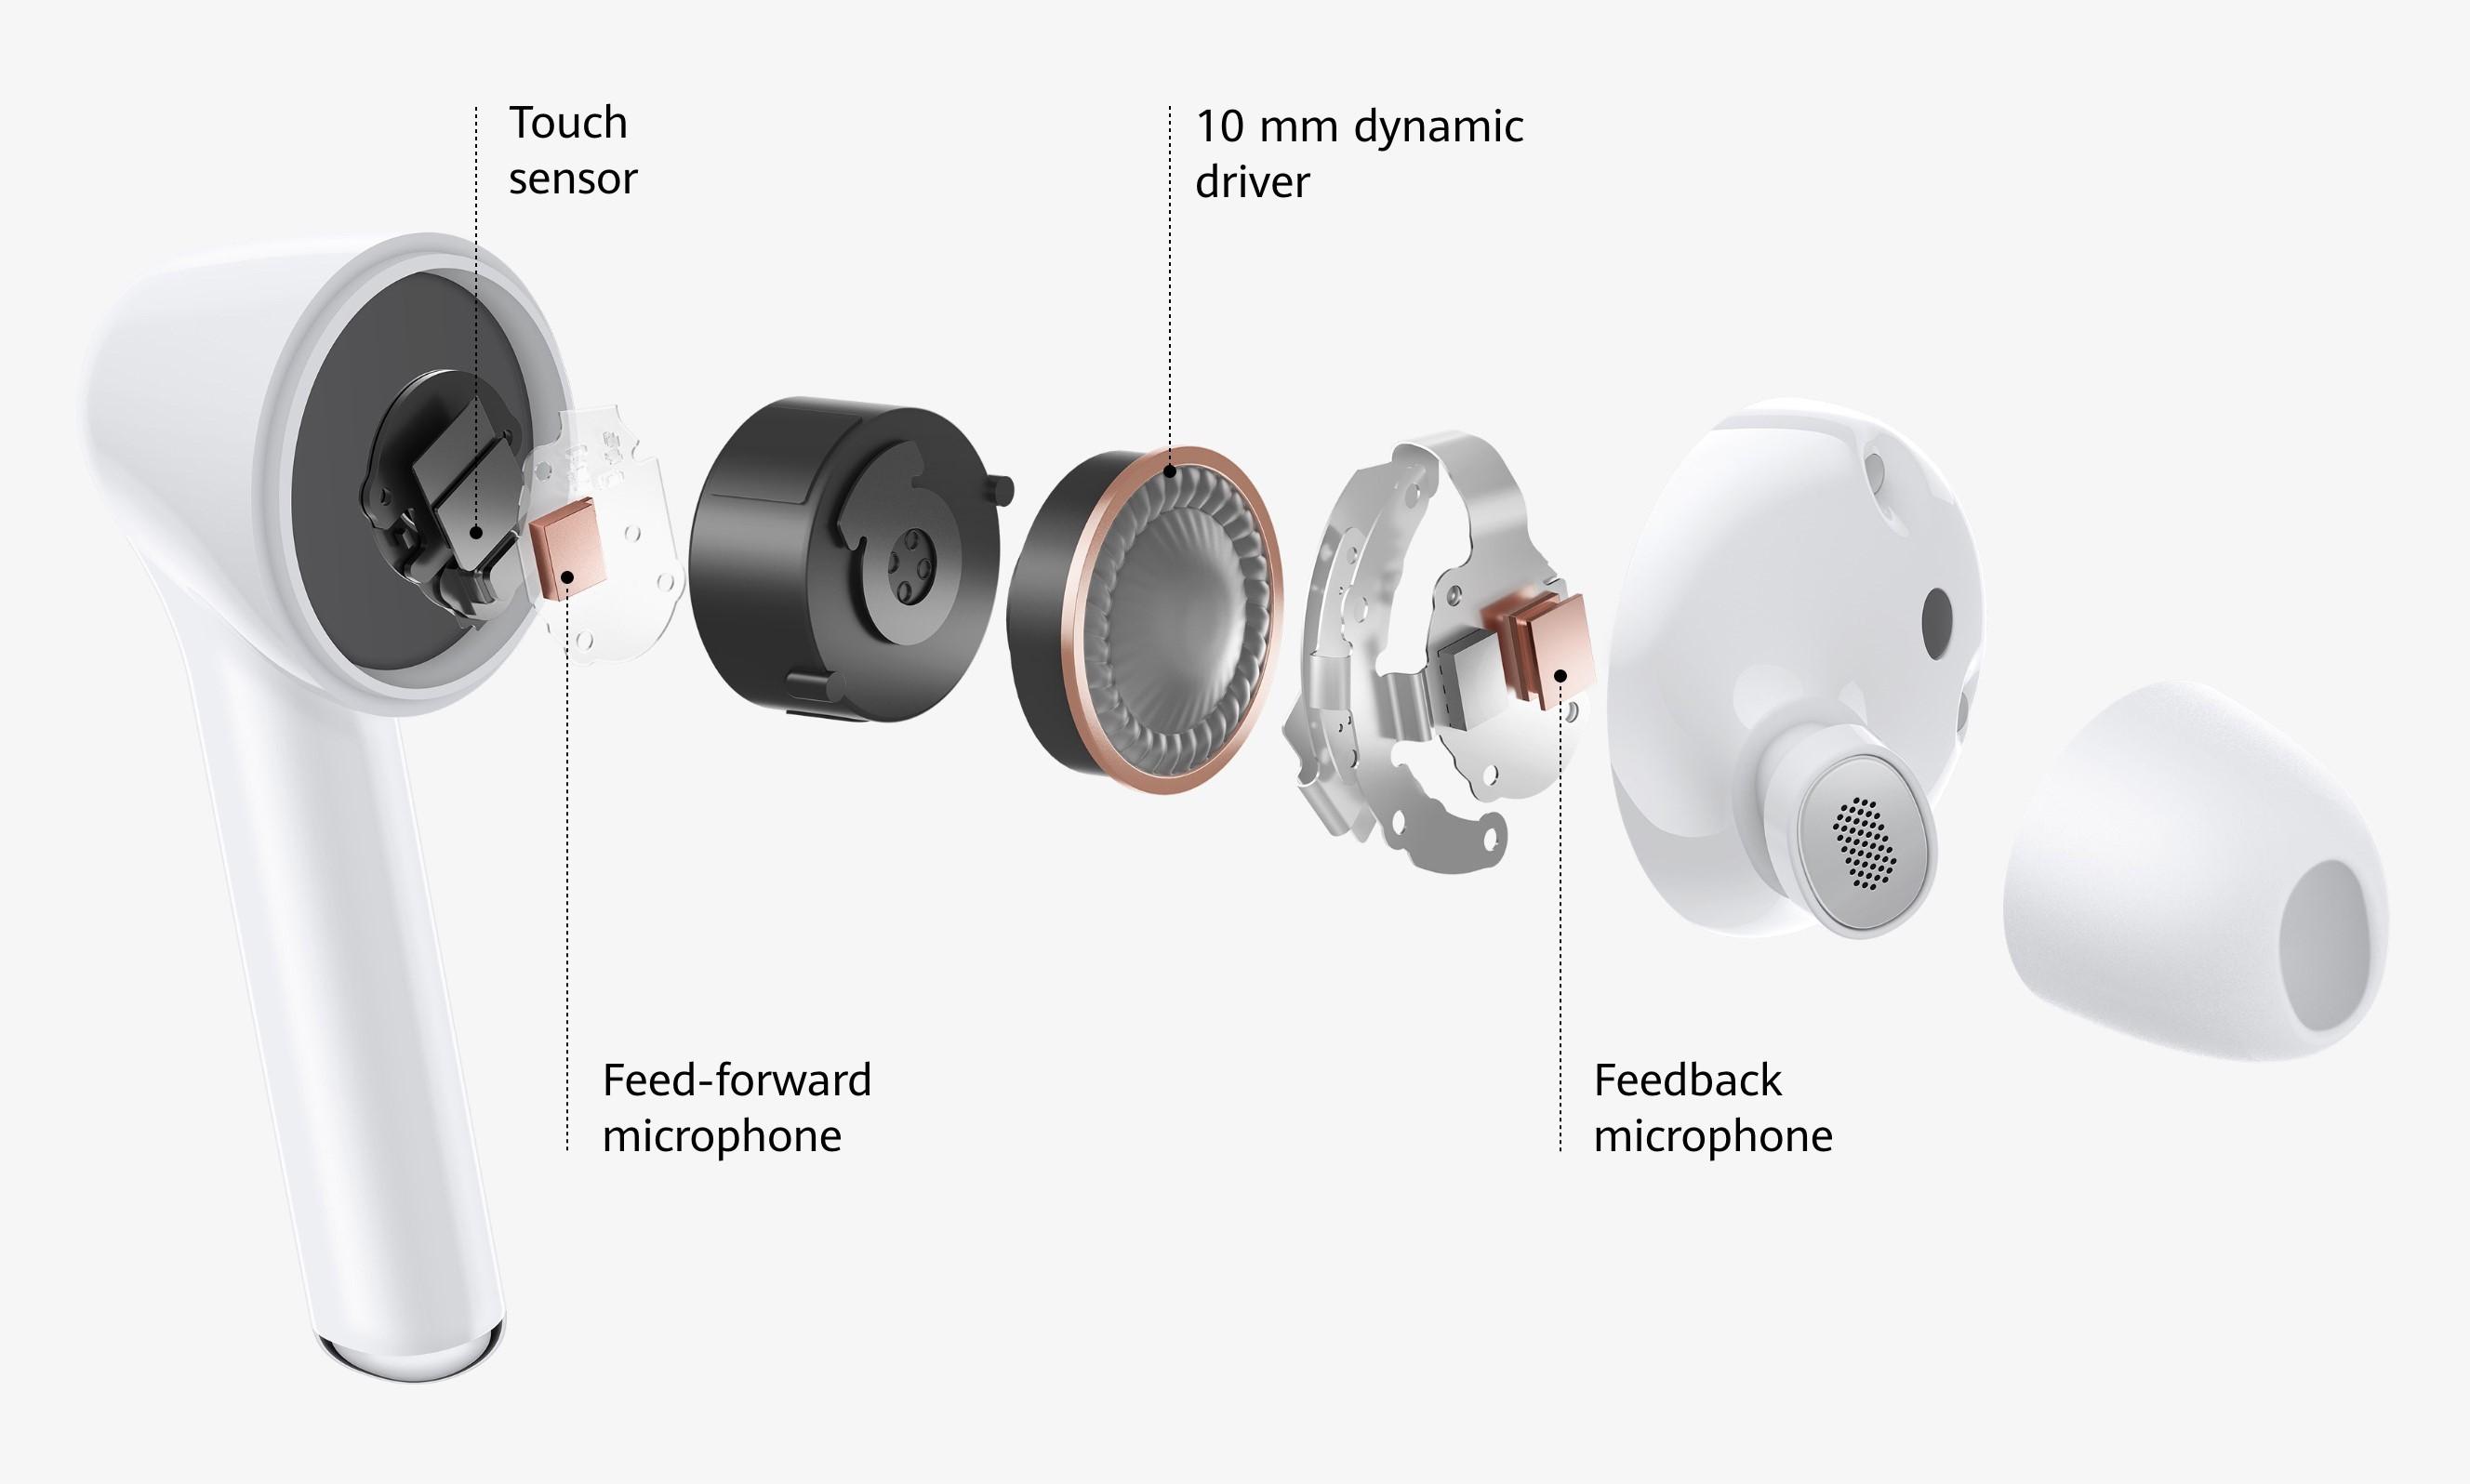 Aktywna redukcja szumów w słuchawkach za kilkaset złotych? Tak, w Huawei FreeBuds 3i 17